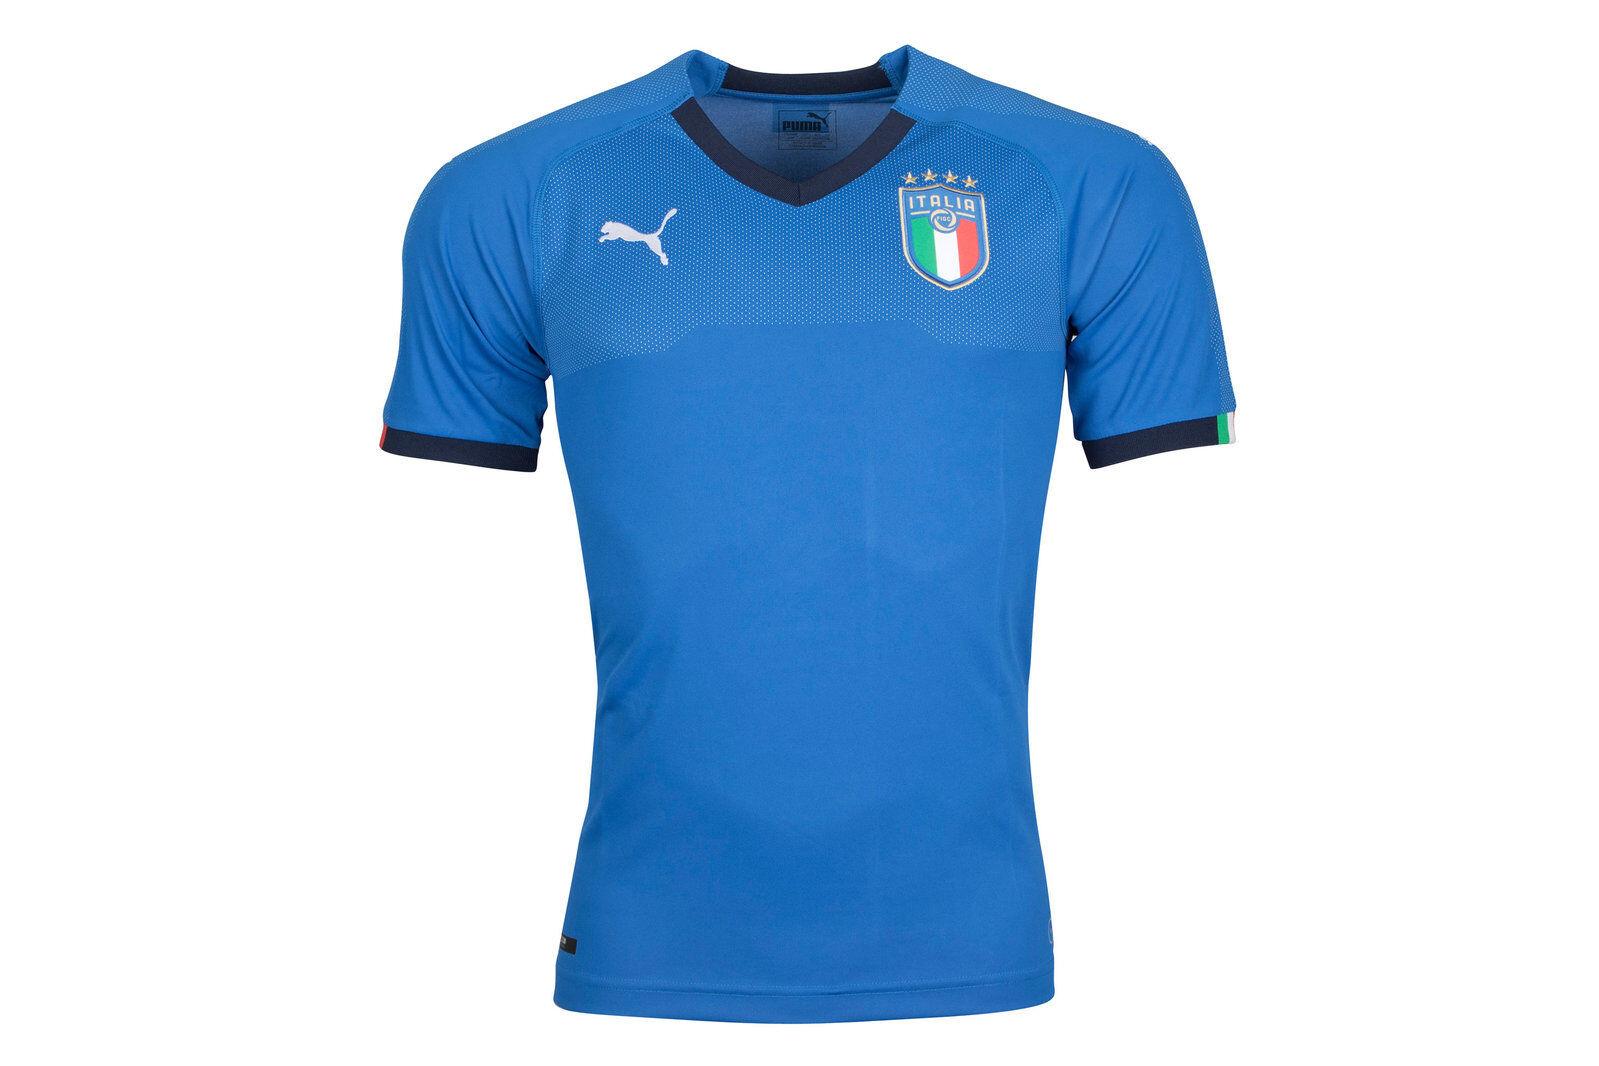 Puma Da Uomo Italia 2018 Home S S S S replica FOOTBALL SHIRT TOP Sport Training d38875